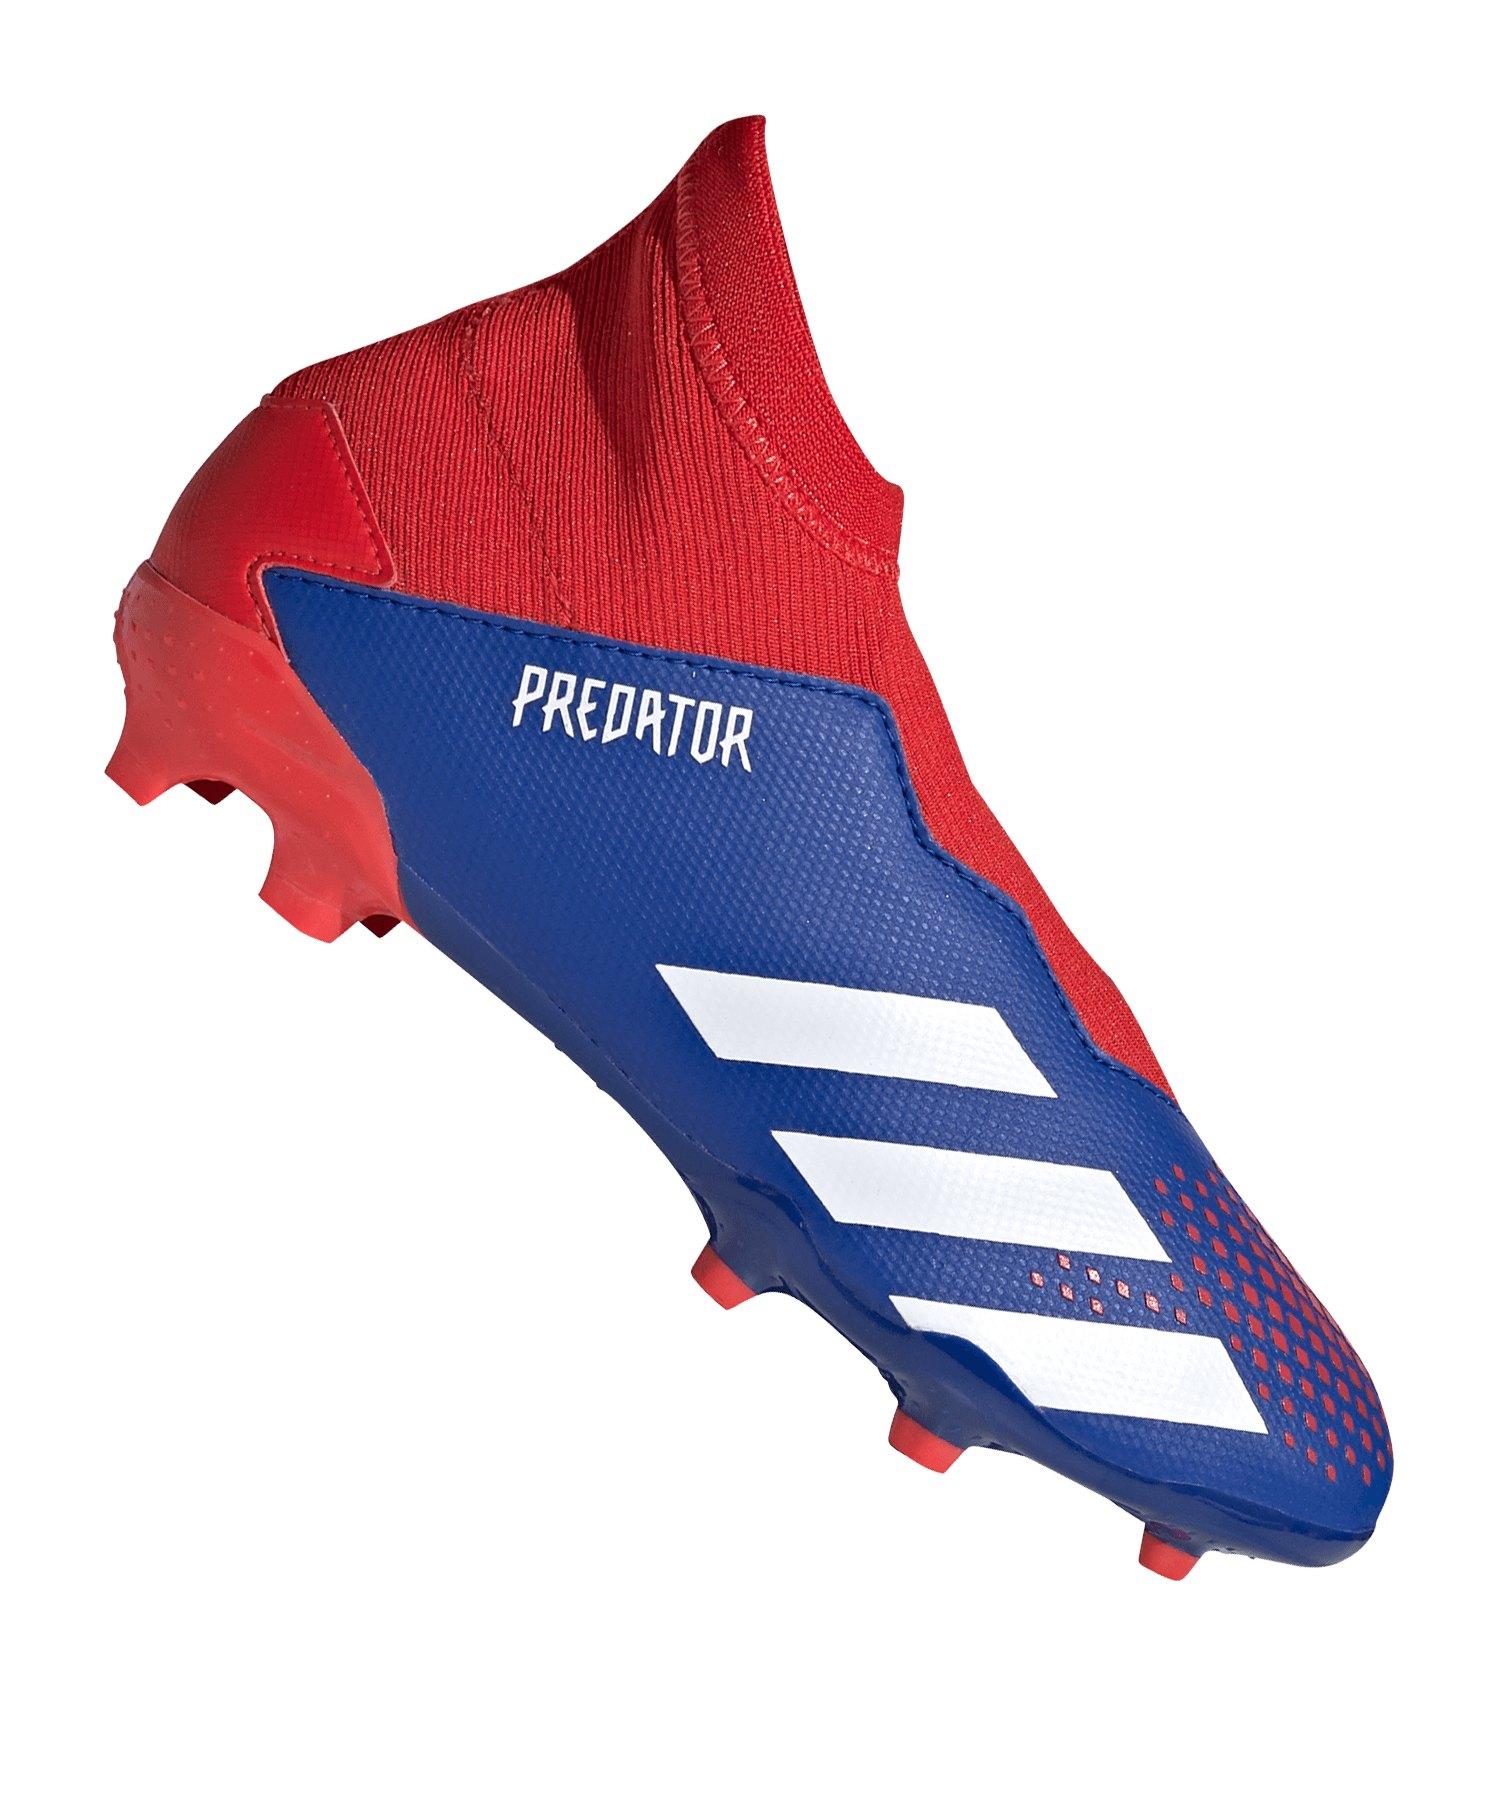 adidas Predator 20.3 LL FG J Kids Blau Rot - blau